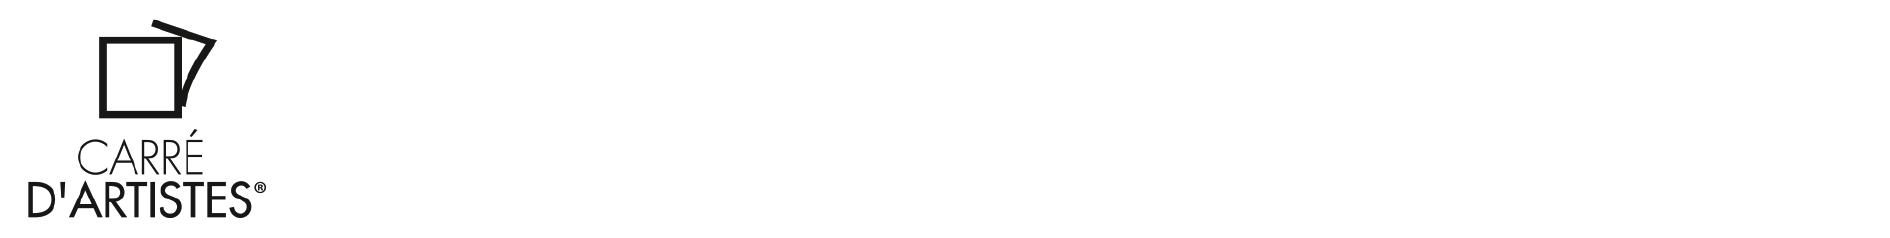 CDA_logo.png